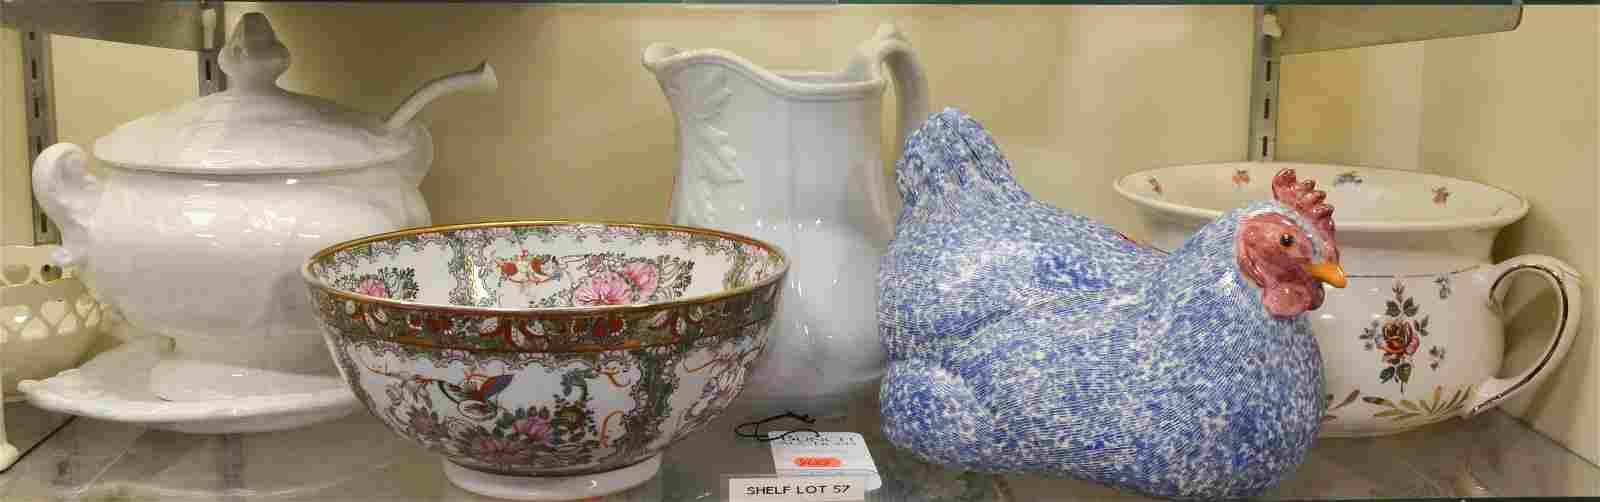 Shelf #57 - (5) Pcs Pottery